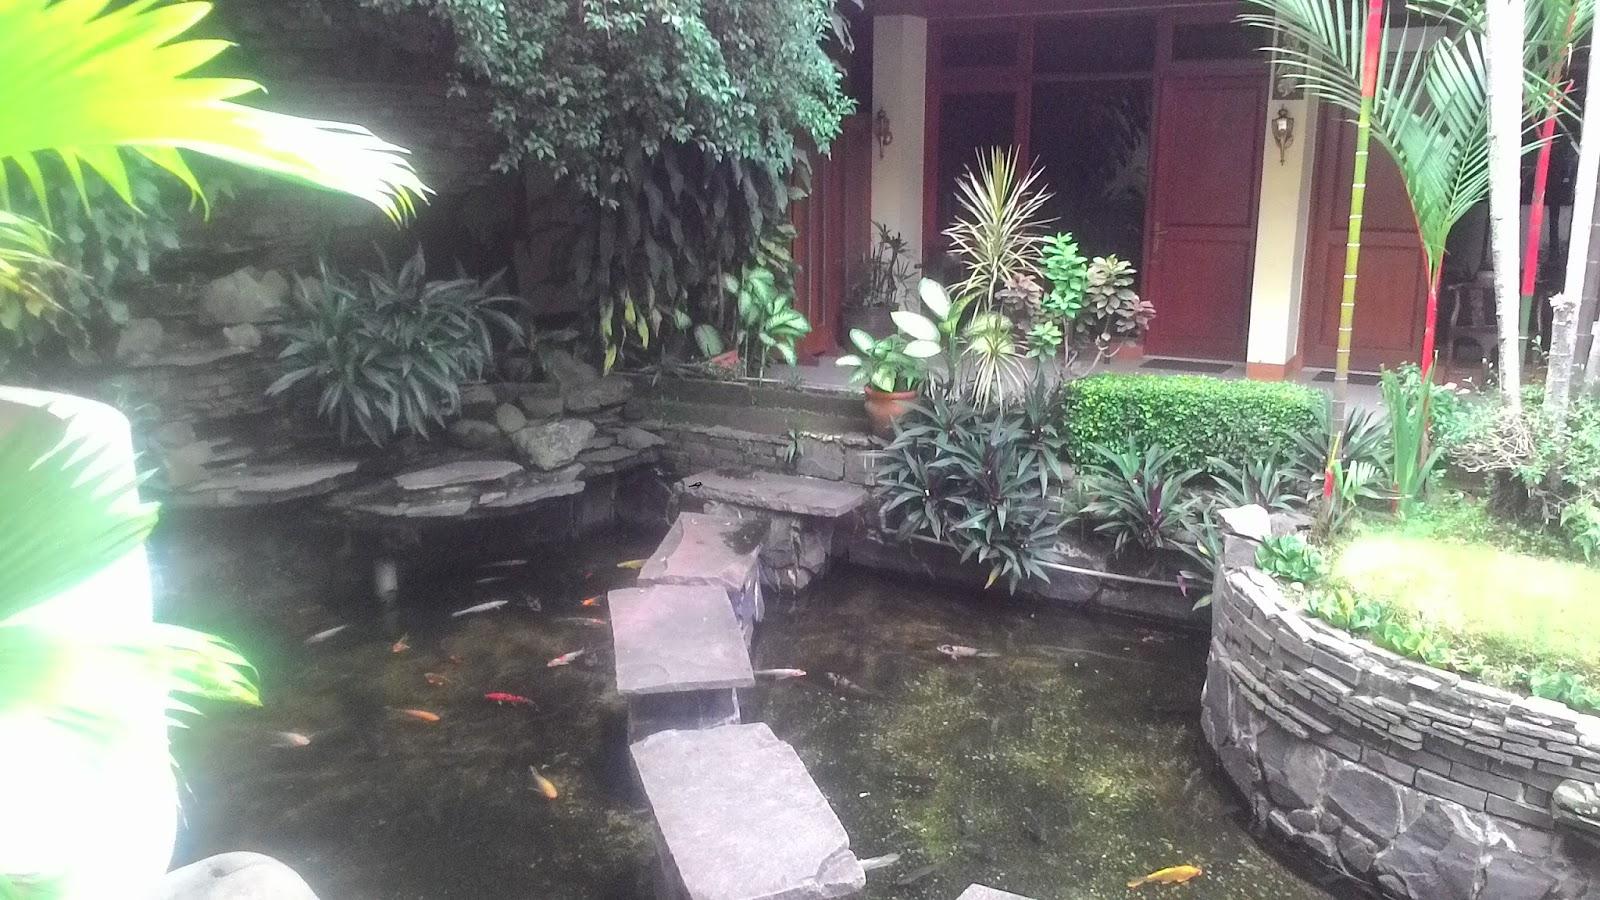 Hotel Bandung Harga Murah Bukan Murahan Nagibdqur Kolam Ikan Taman